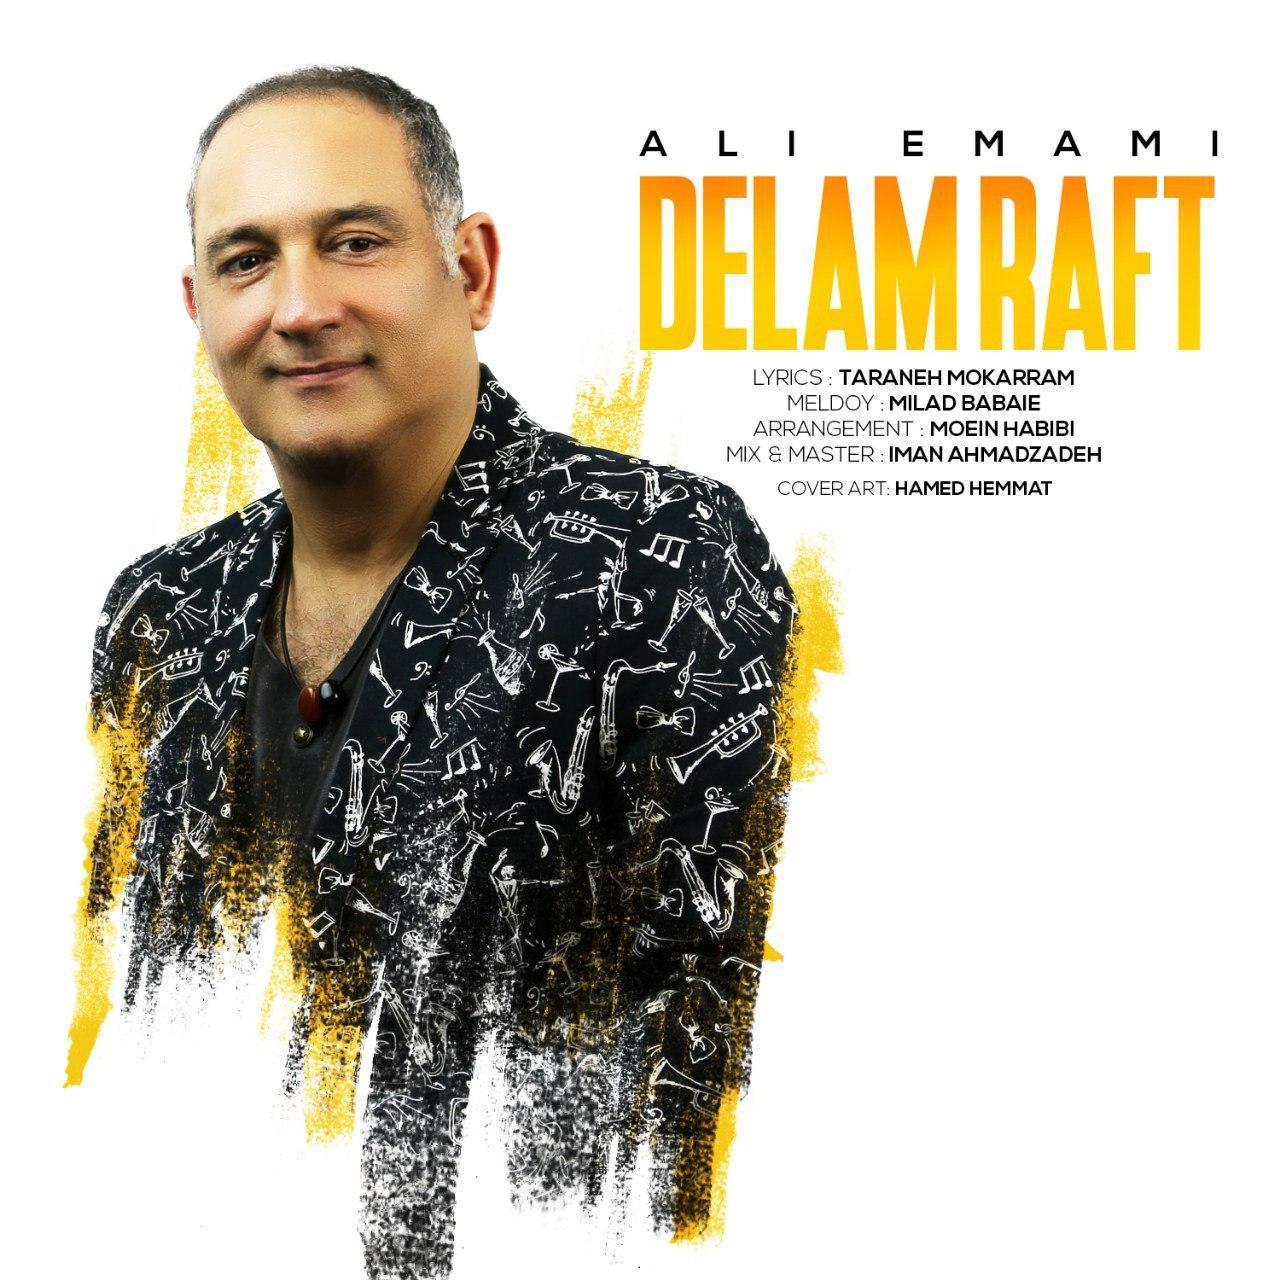 Ali Emami – Delam Raft